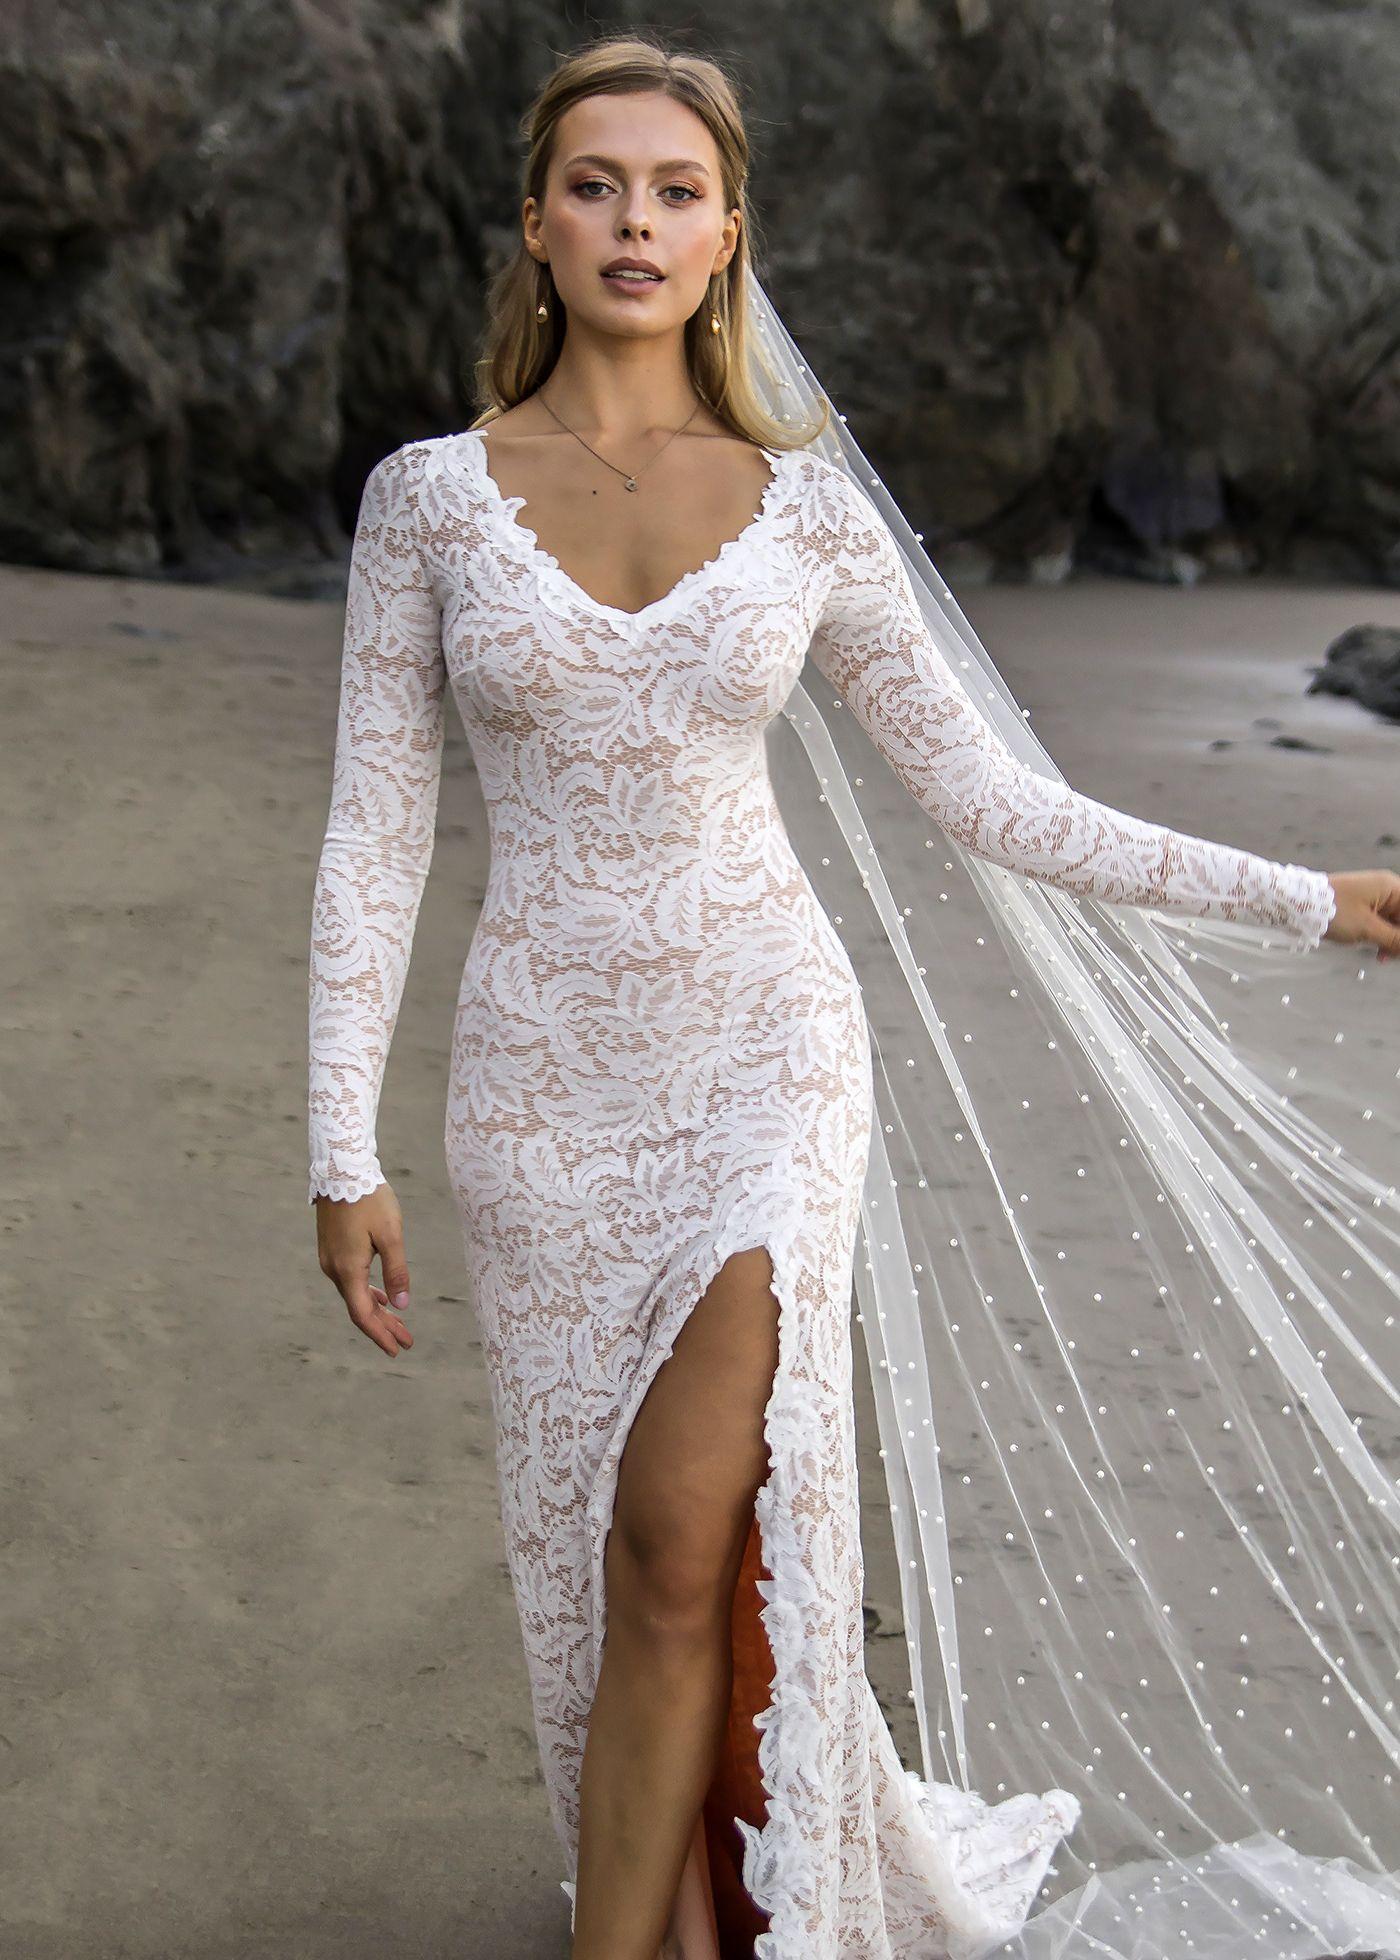 Julie 2 0 By Wear Your Love Dresses Indigo Dress Indie Wedding Dress